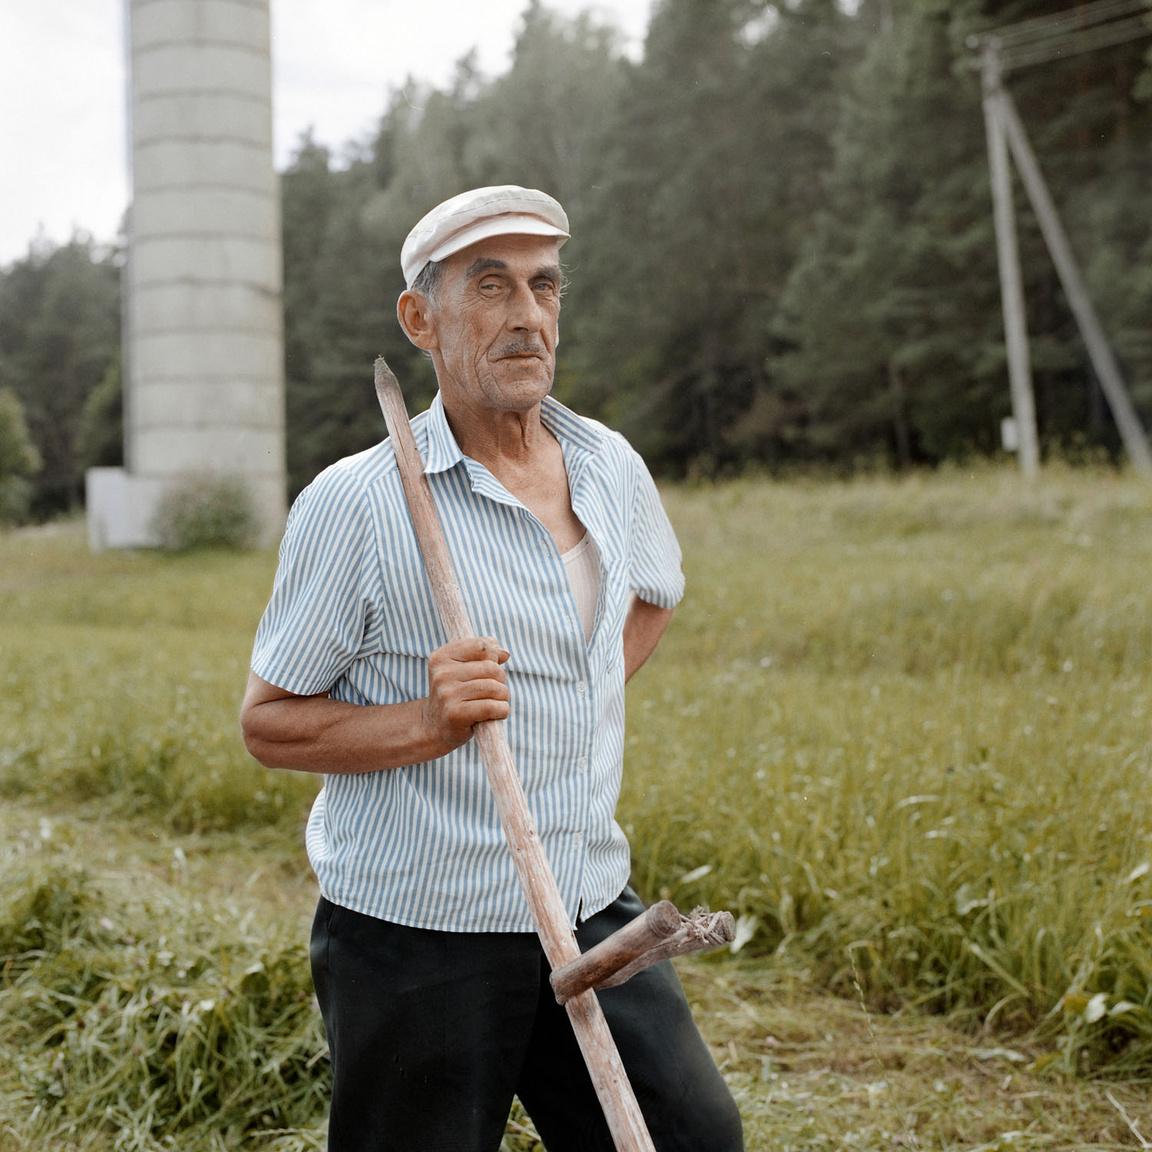 """""""Amióta az eszemet tudom, ezen a földön élek. Igaz, a dombon túl születtem, Zabieliškėben"""" - mondja a kaszálón kószáló fotósnak az Algis nevű férfi. """"Nem is tudom, létezik-e még a falu. A szívemben megvan, messze meg nem utaznék sehová. Ugyan mit találnék ott? Azt mondja meg nekem."""""""